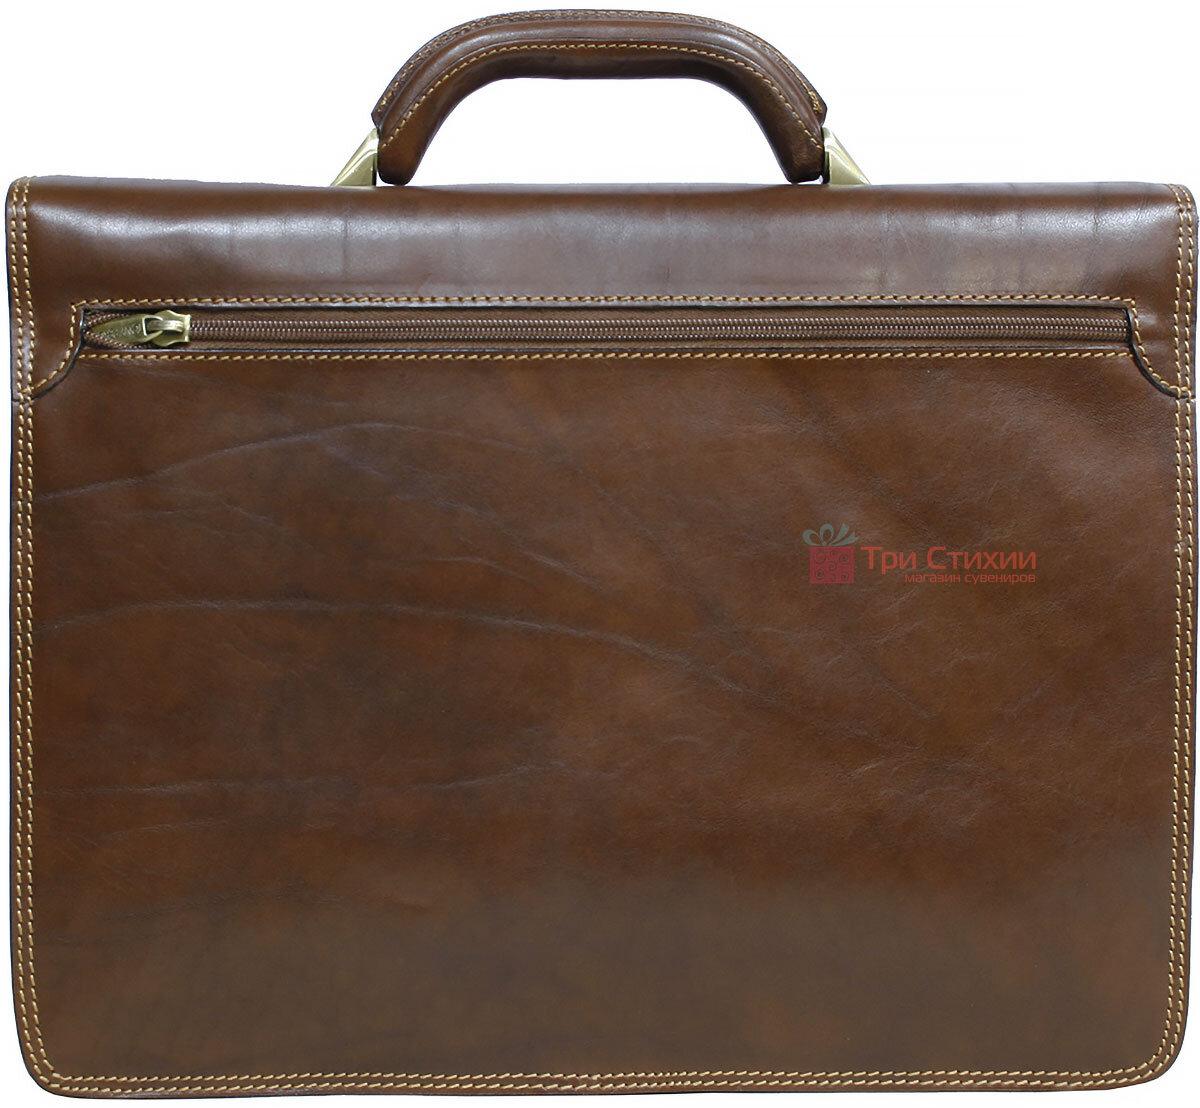 Портфель Tony Perotti Italico 8013-it cognac Коньячный, фото 3